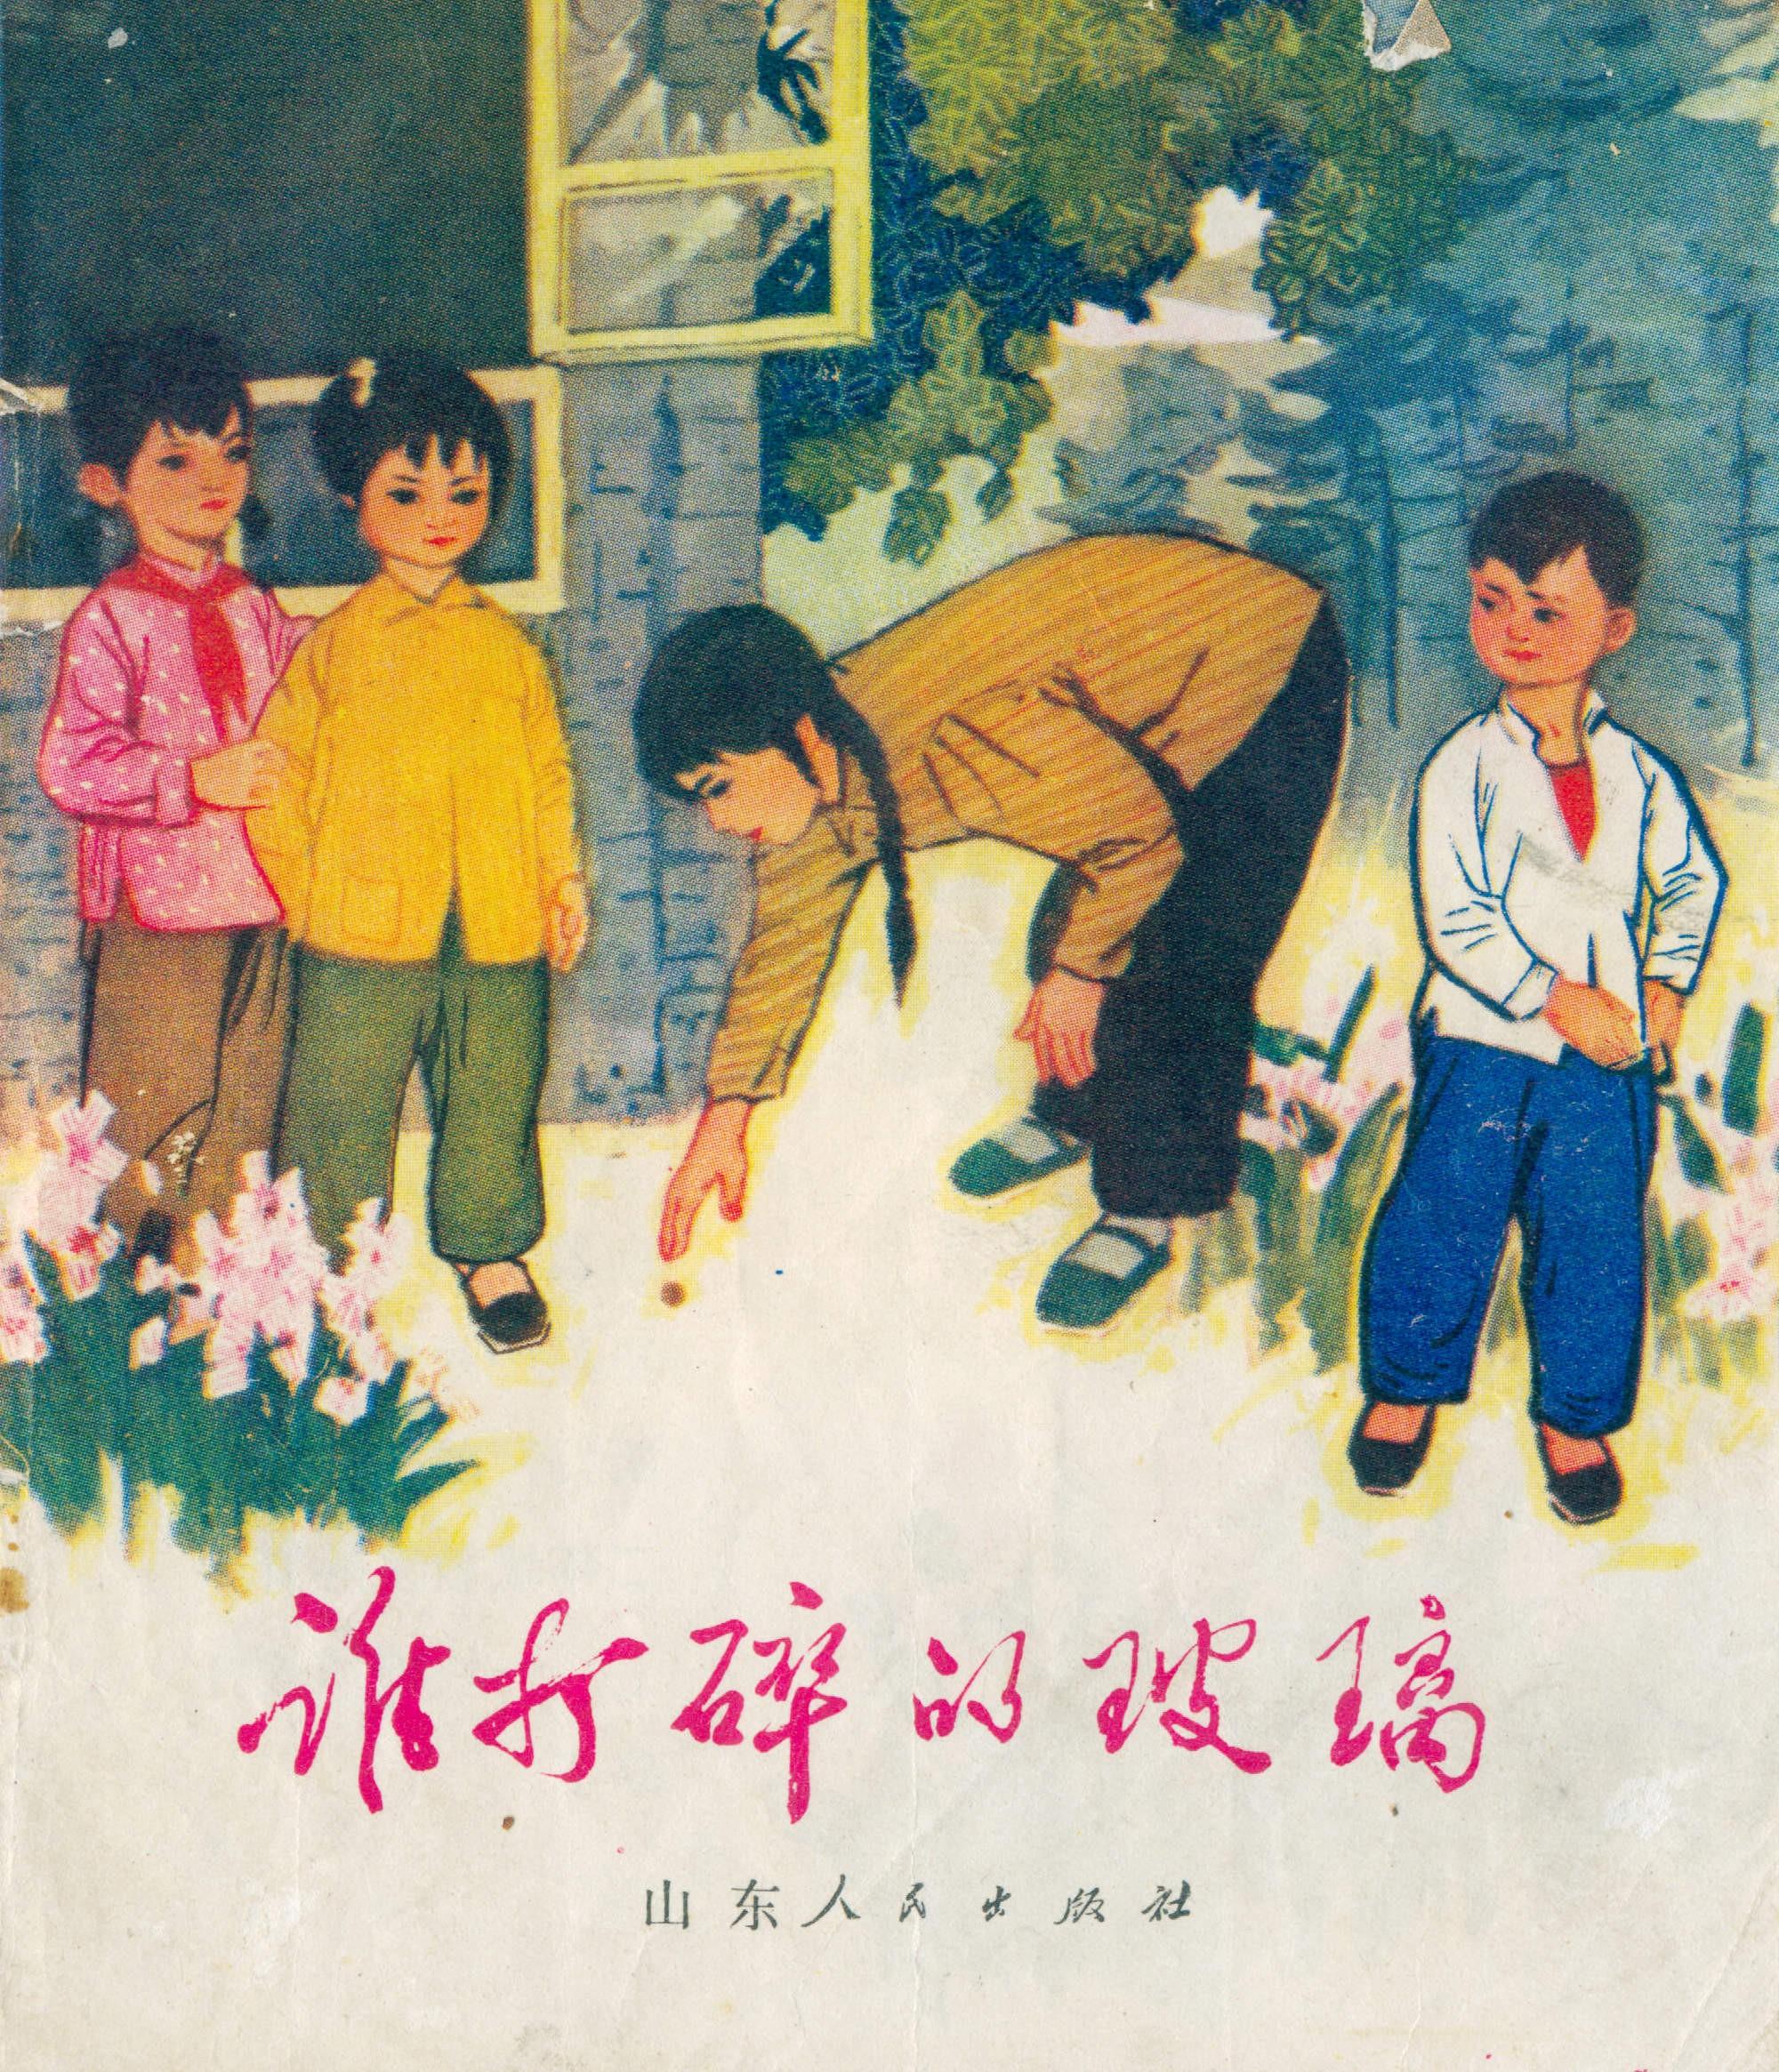 「童年怀旧彩色连环画」谁打碎的玻璃(1974年)